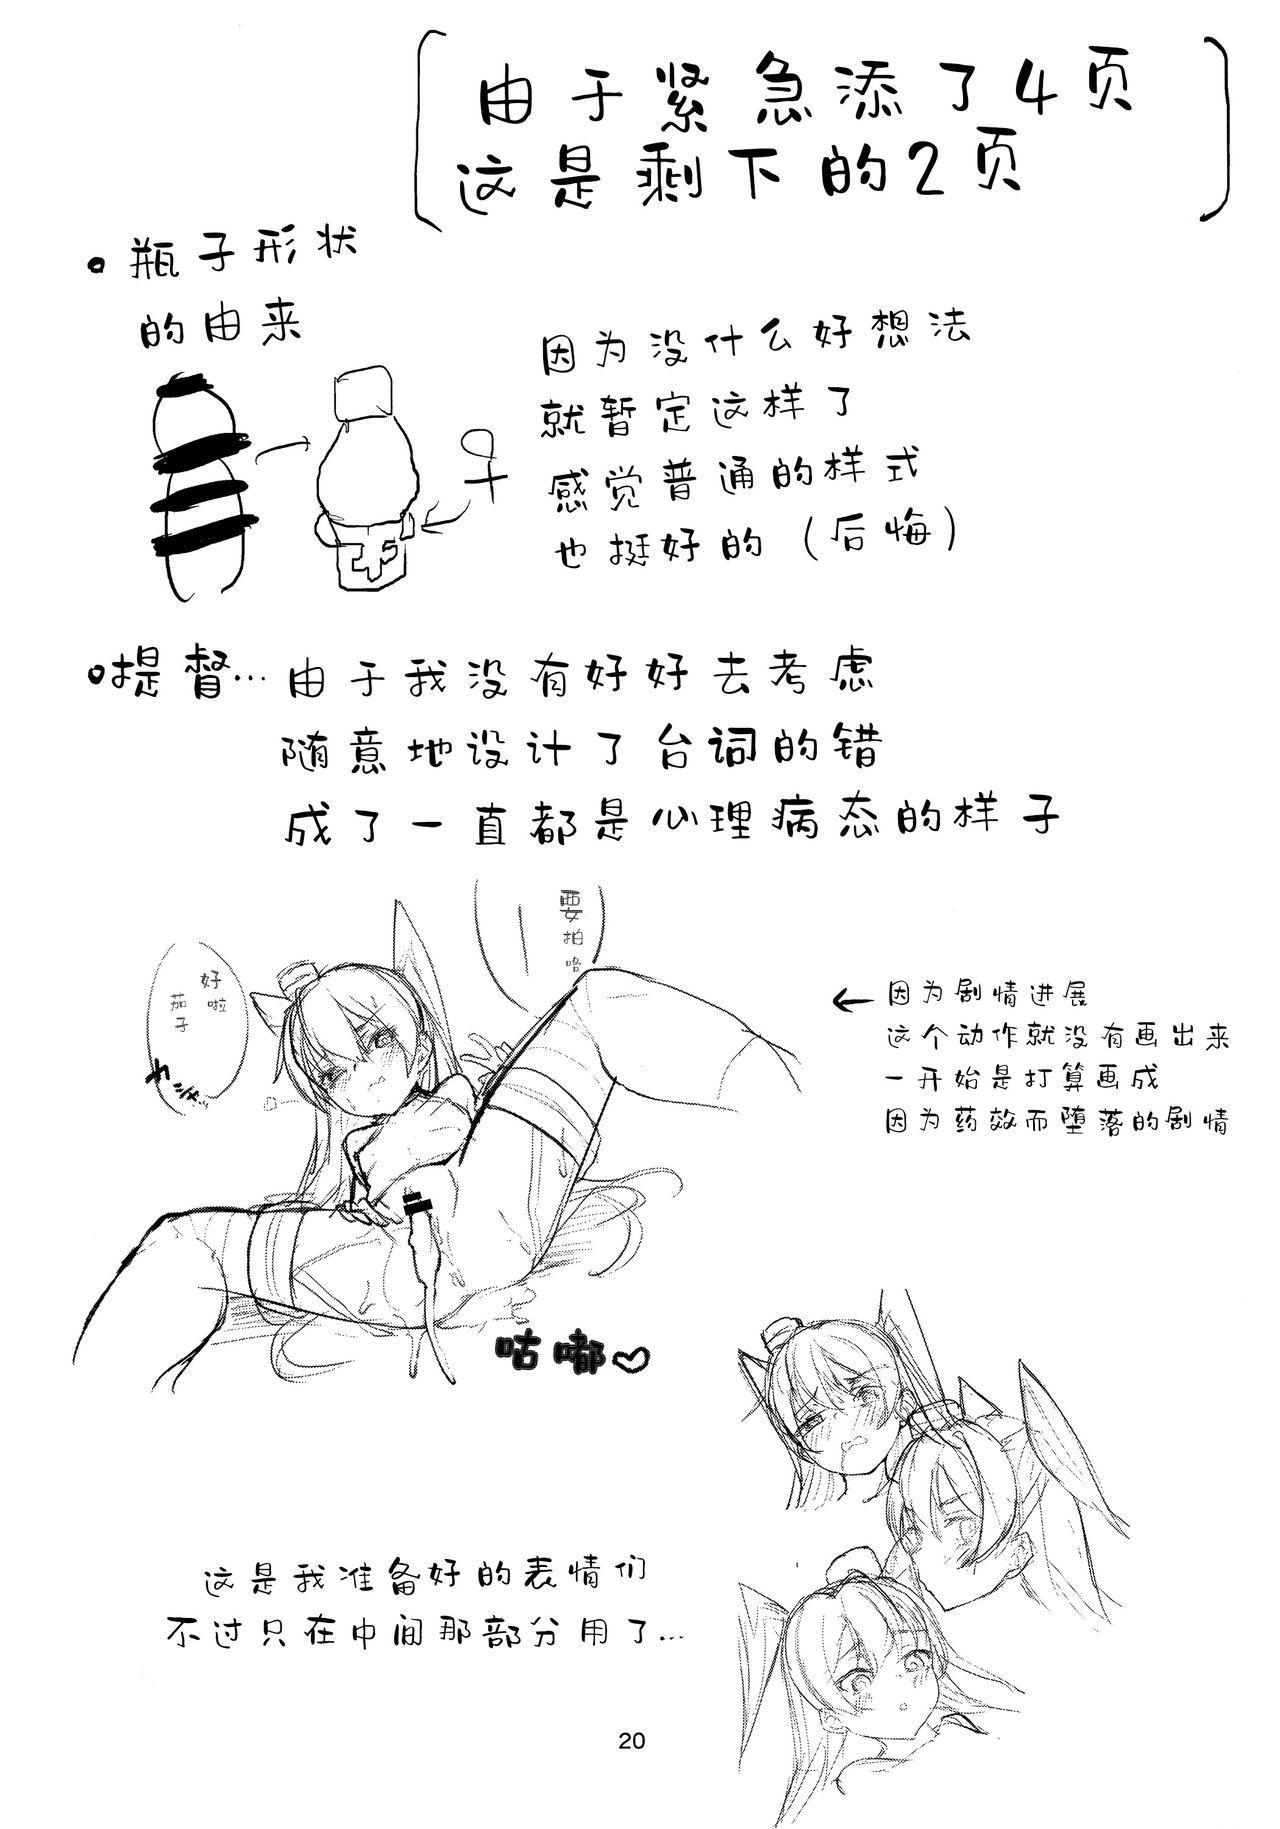 Amatsukaze to Musabori Ecchi 19